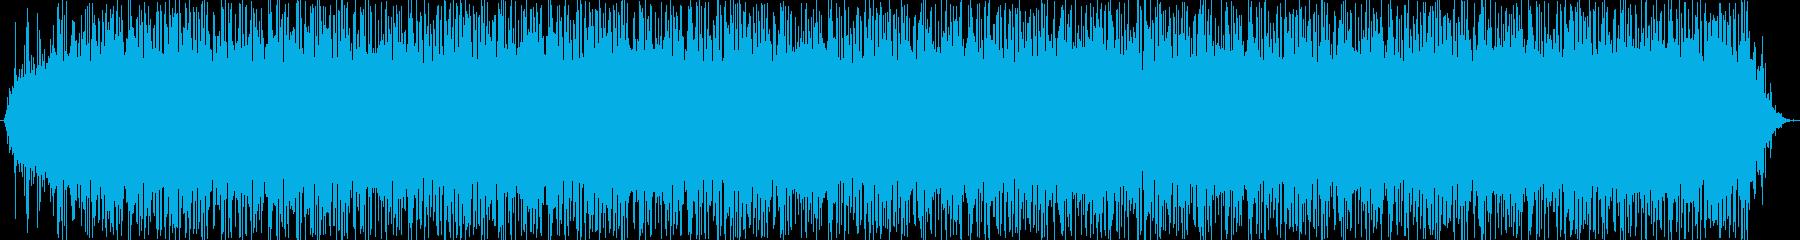 水 スモールストリーム01の再生済みの波形